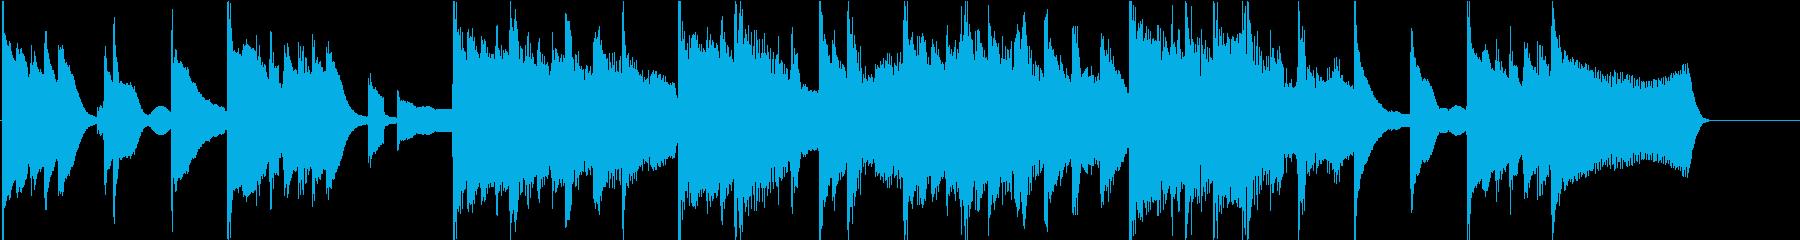 可愛いスタイリッシュなピアノ 15秒CMの再生済みの波形